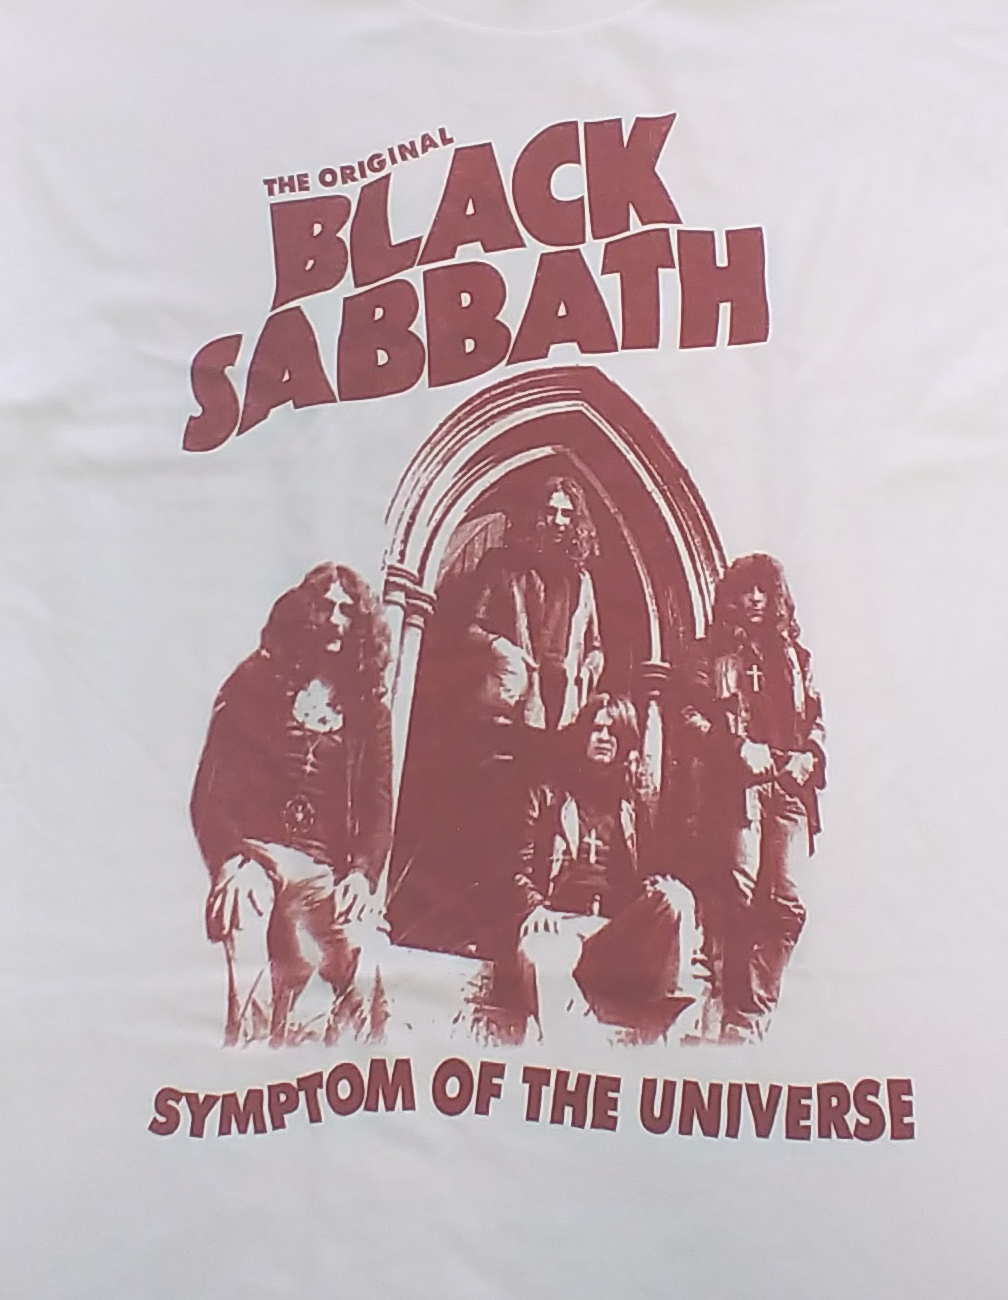 【在庫有り商品】BLACK SABBATH -ブラック・サバス- SYMPTOM OF THE UNIVERSE 「悪魔のしるし」 Tシャツ (白) Lサイズ